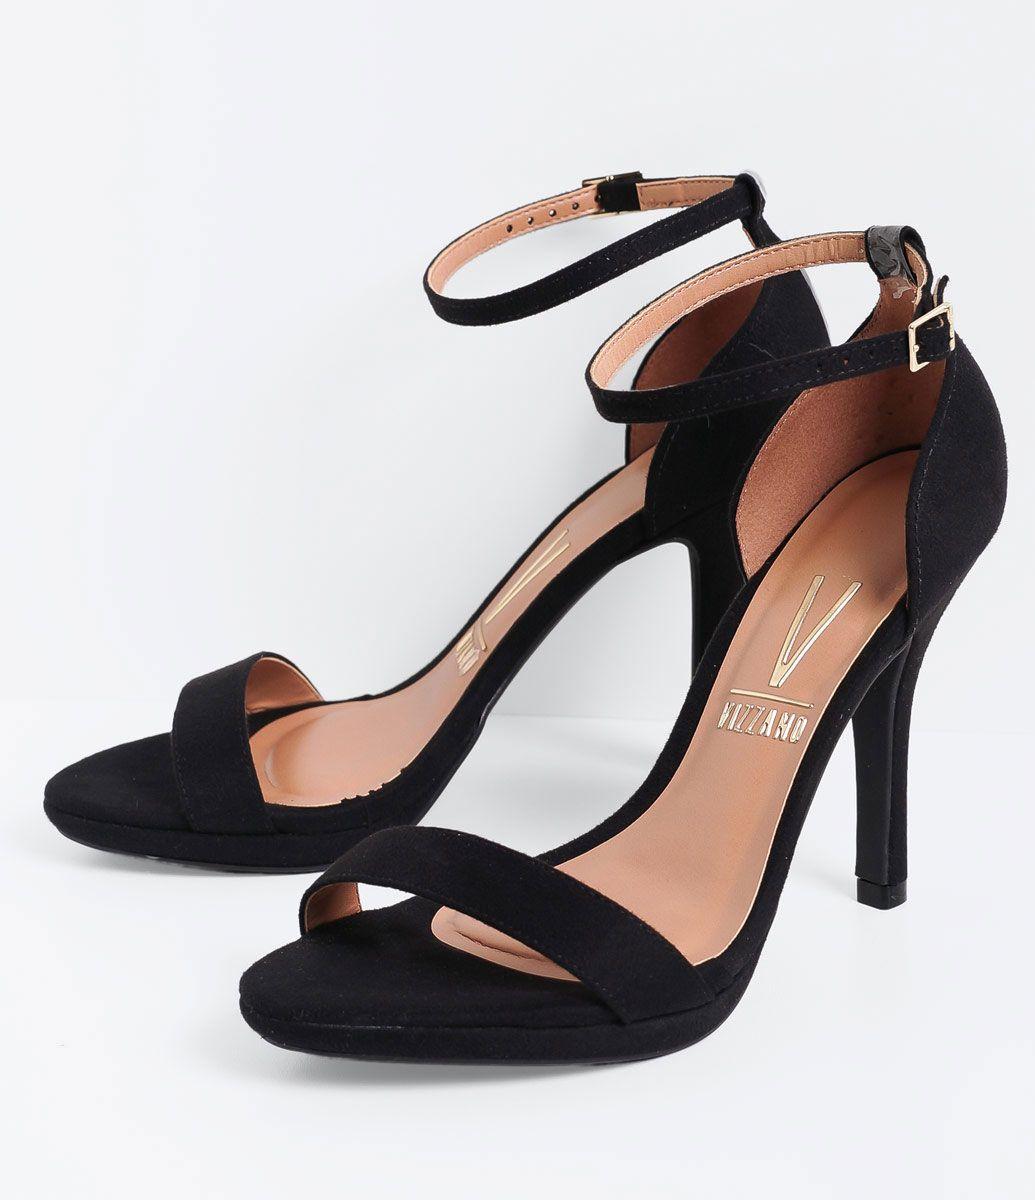 cb6a66865 Sandália feminina Material  sintético Com calcanhar fechado Marca  Vizzano  Com tornozeleira Salto alto COLEÇÃO